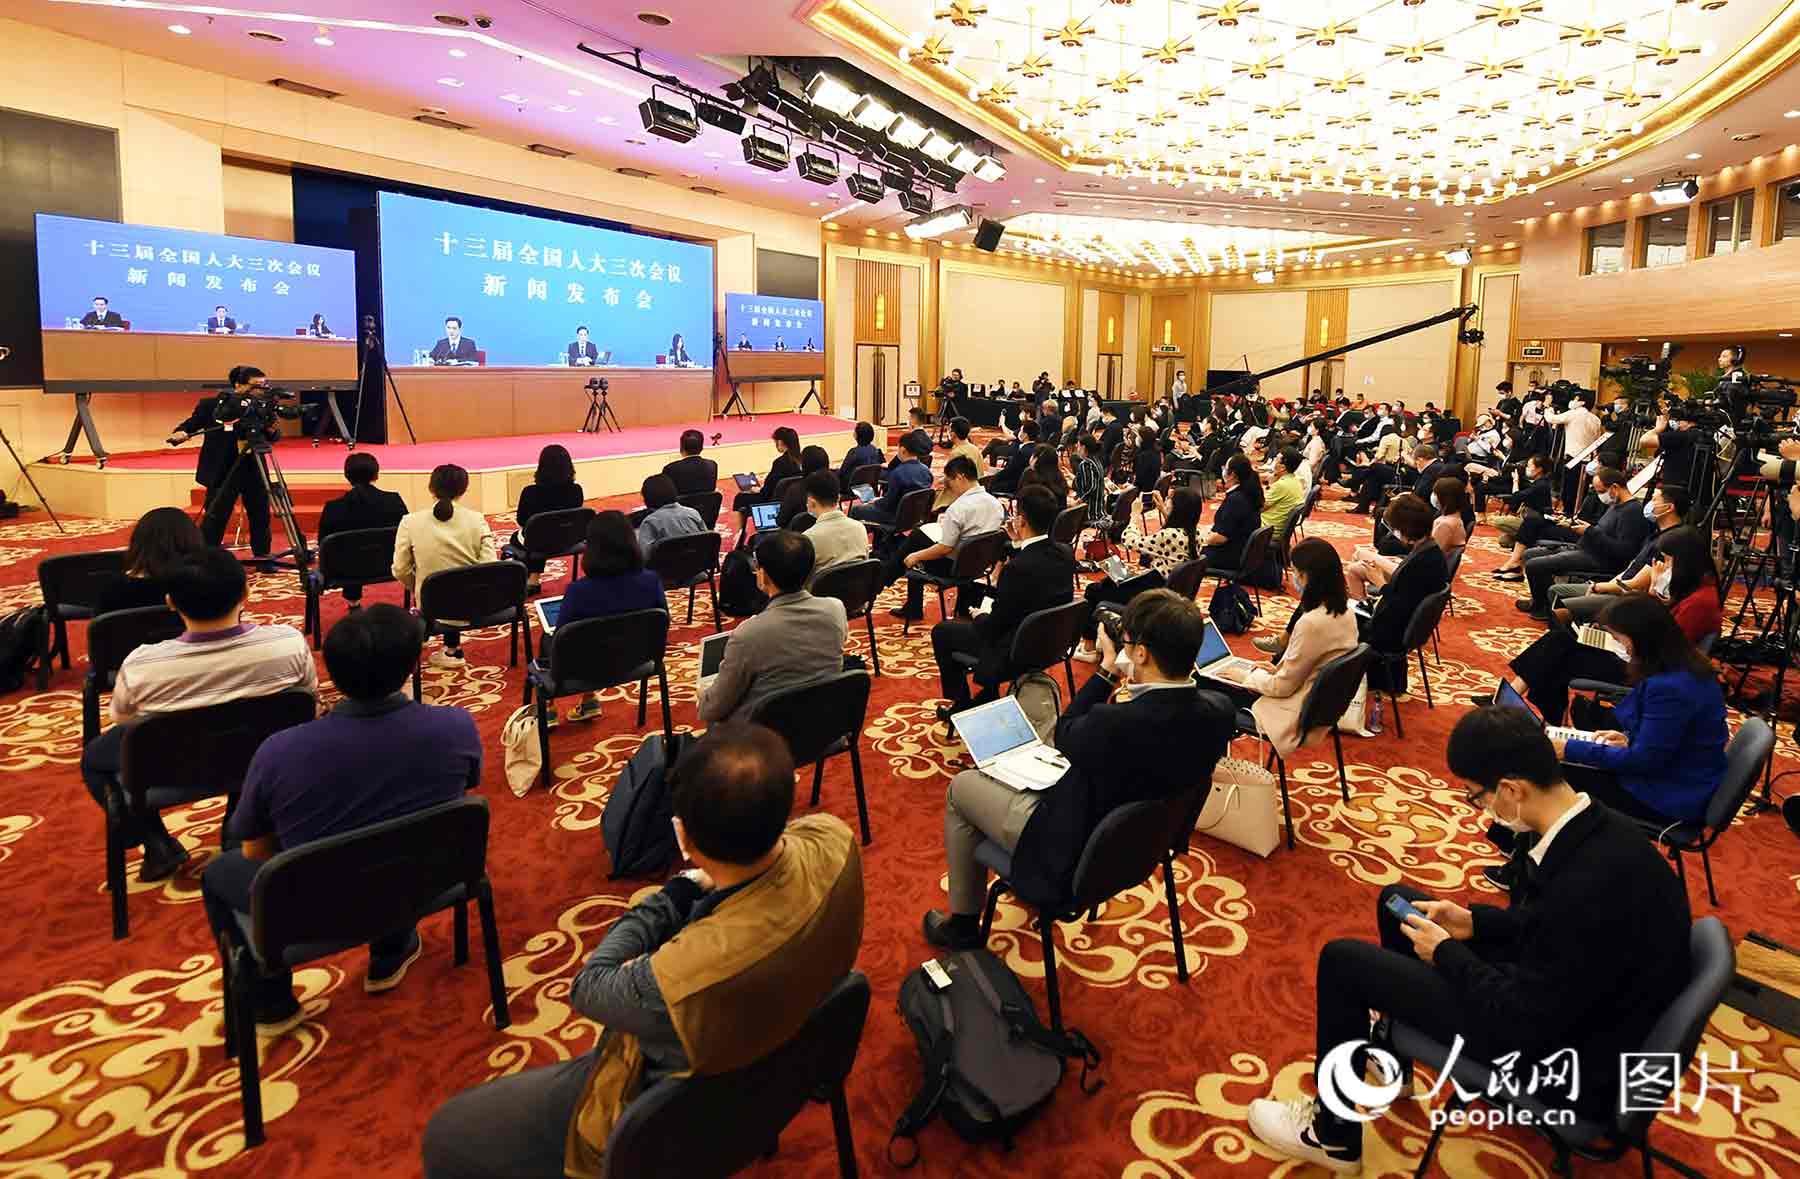 十三届全国人大三次会议新闻发布会记者云提问。人民网记者 翁奇羽 摄